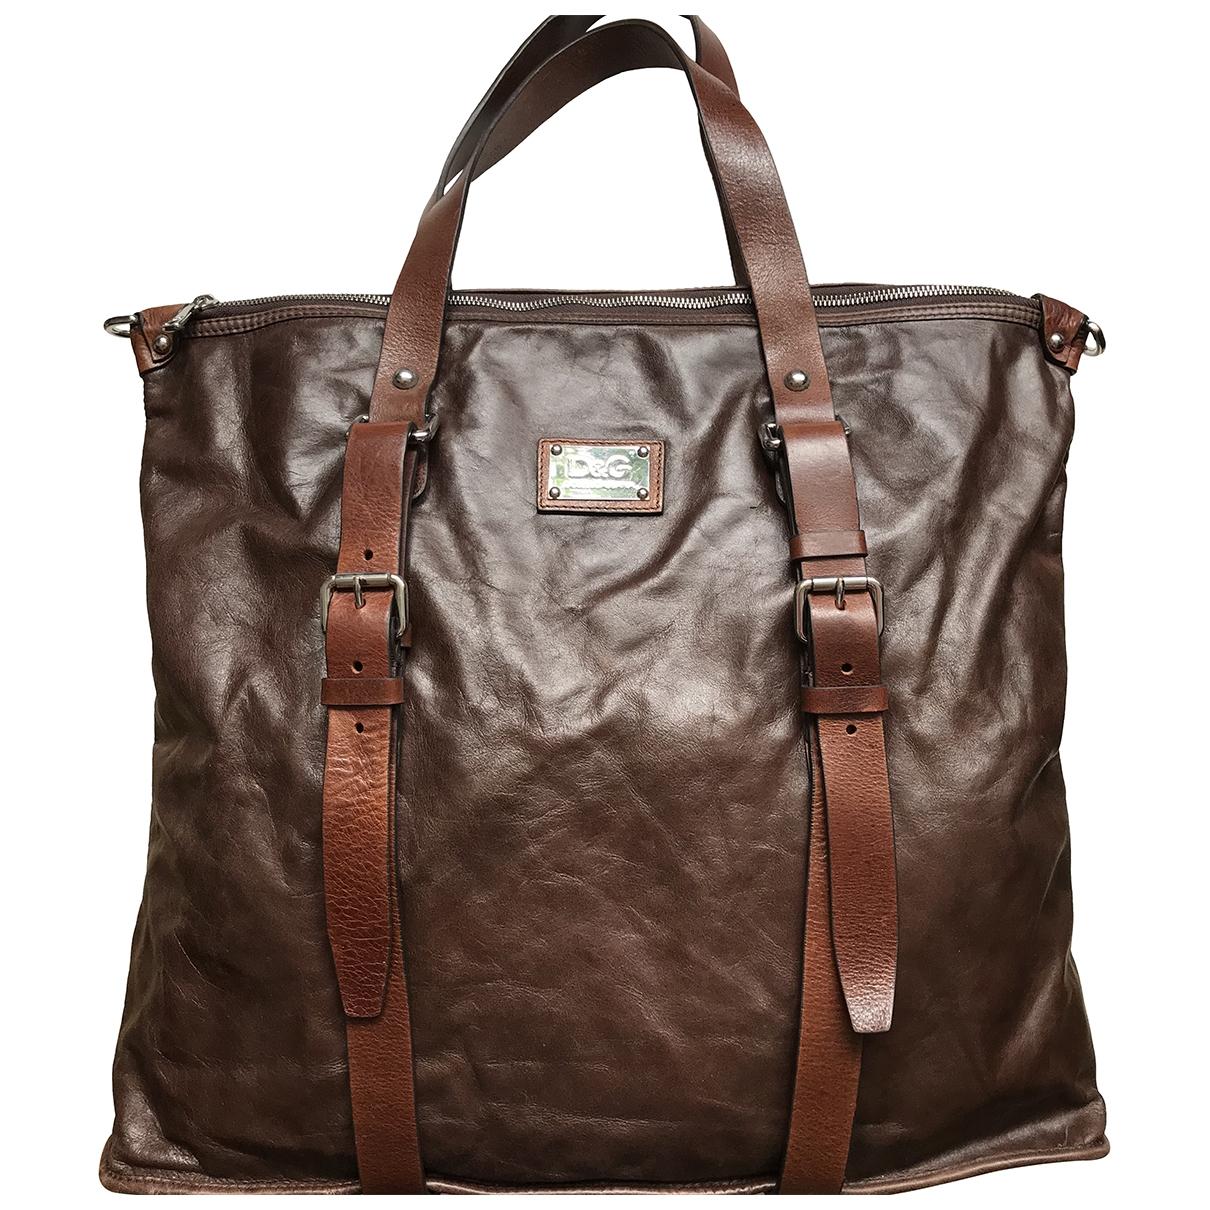 D&g \N Handtasche in  Braun Leder